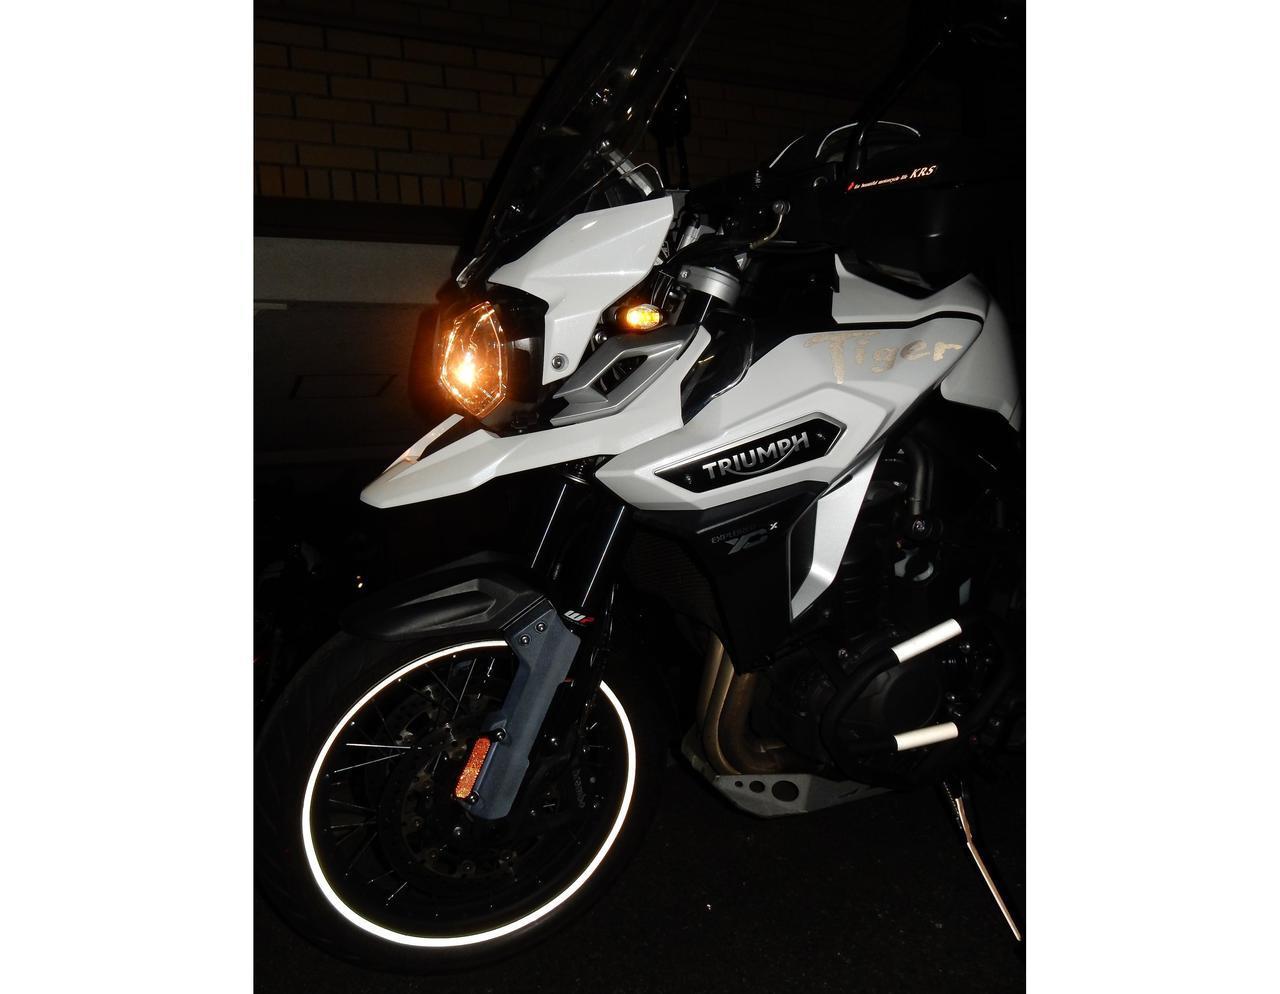 画像: 「反射材」で防げる事故がある。バイクやクルマにおける効果的なリフレクターの貼り方とは?【柏秀樹持論・第2回】 - webオートバイ